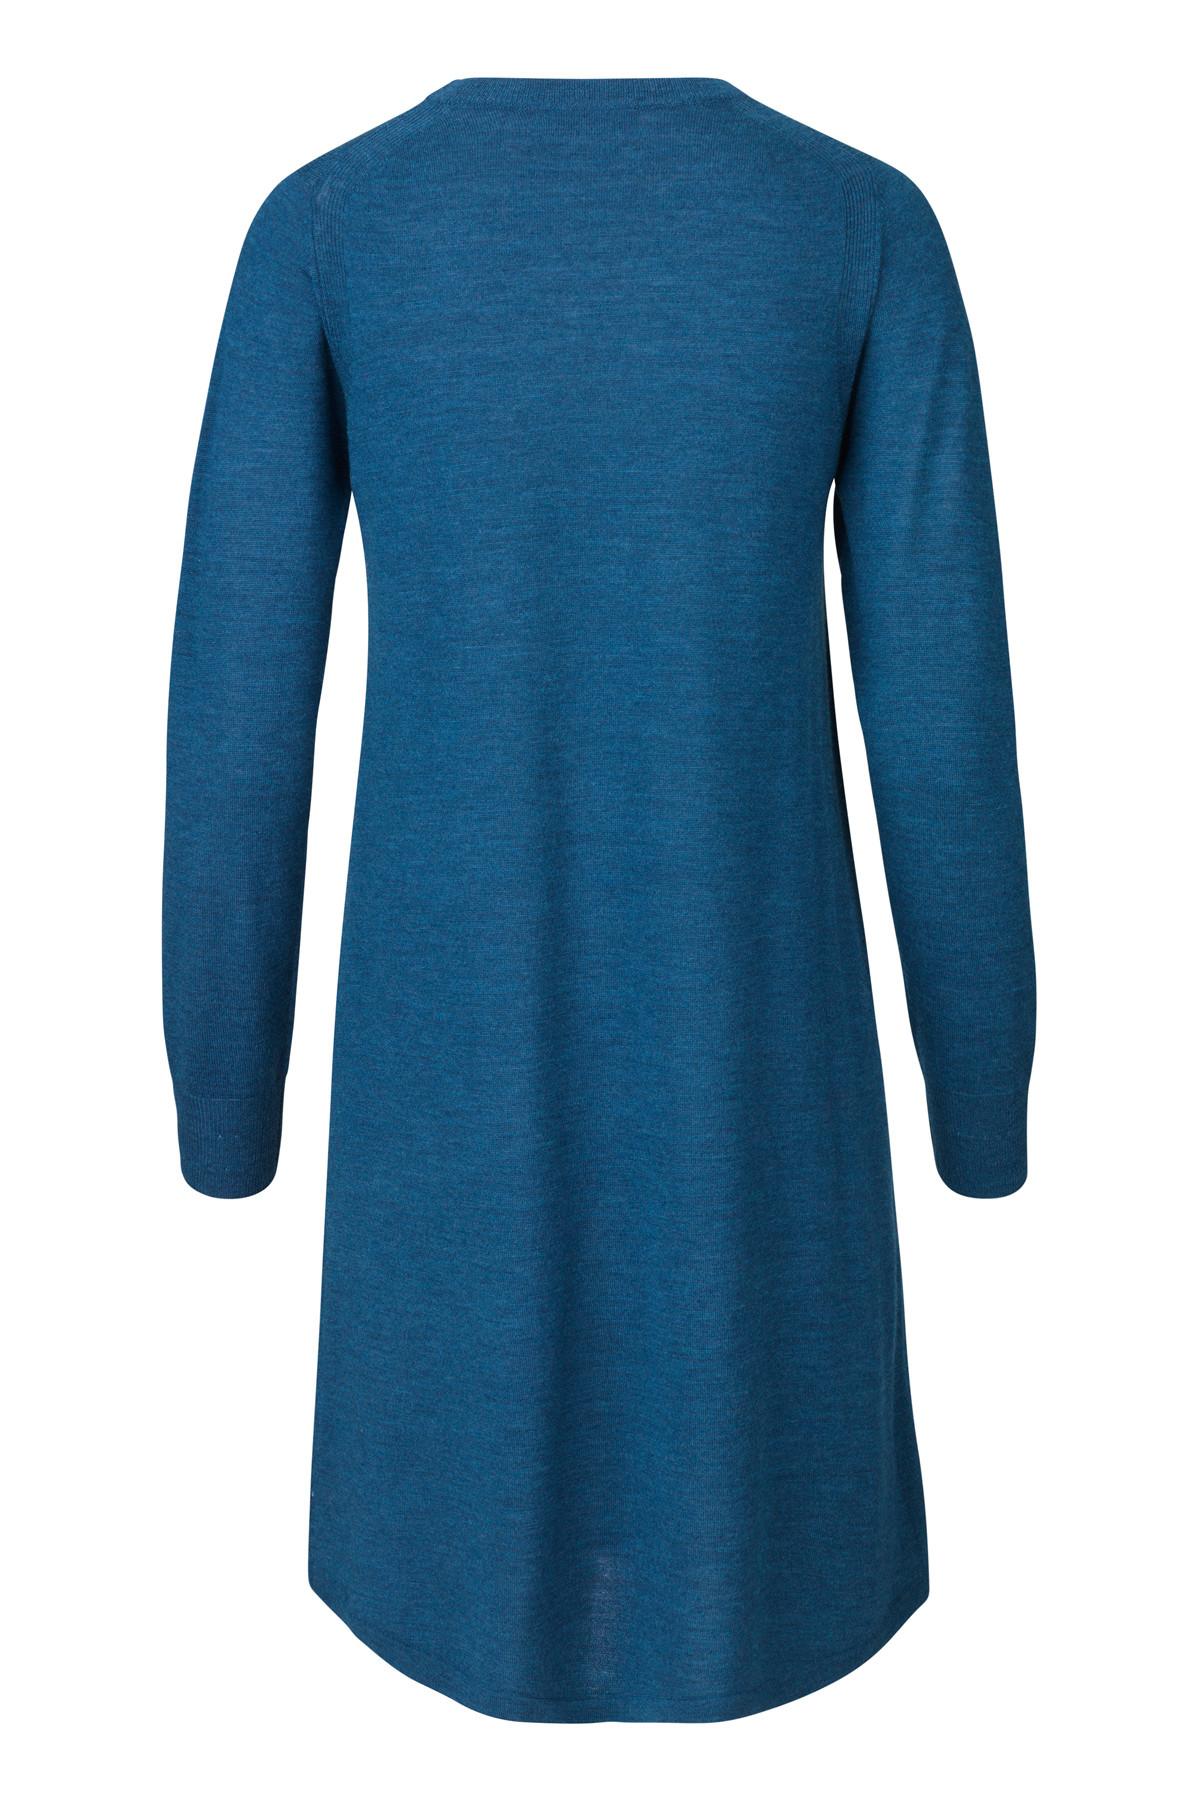 5c84c85e227 Billige kjoler | Kæmpe kjole udsalg fra førende mærker